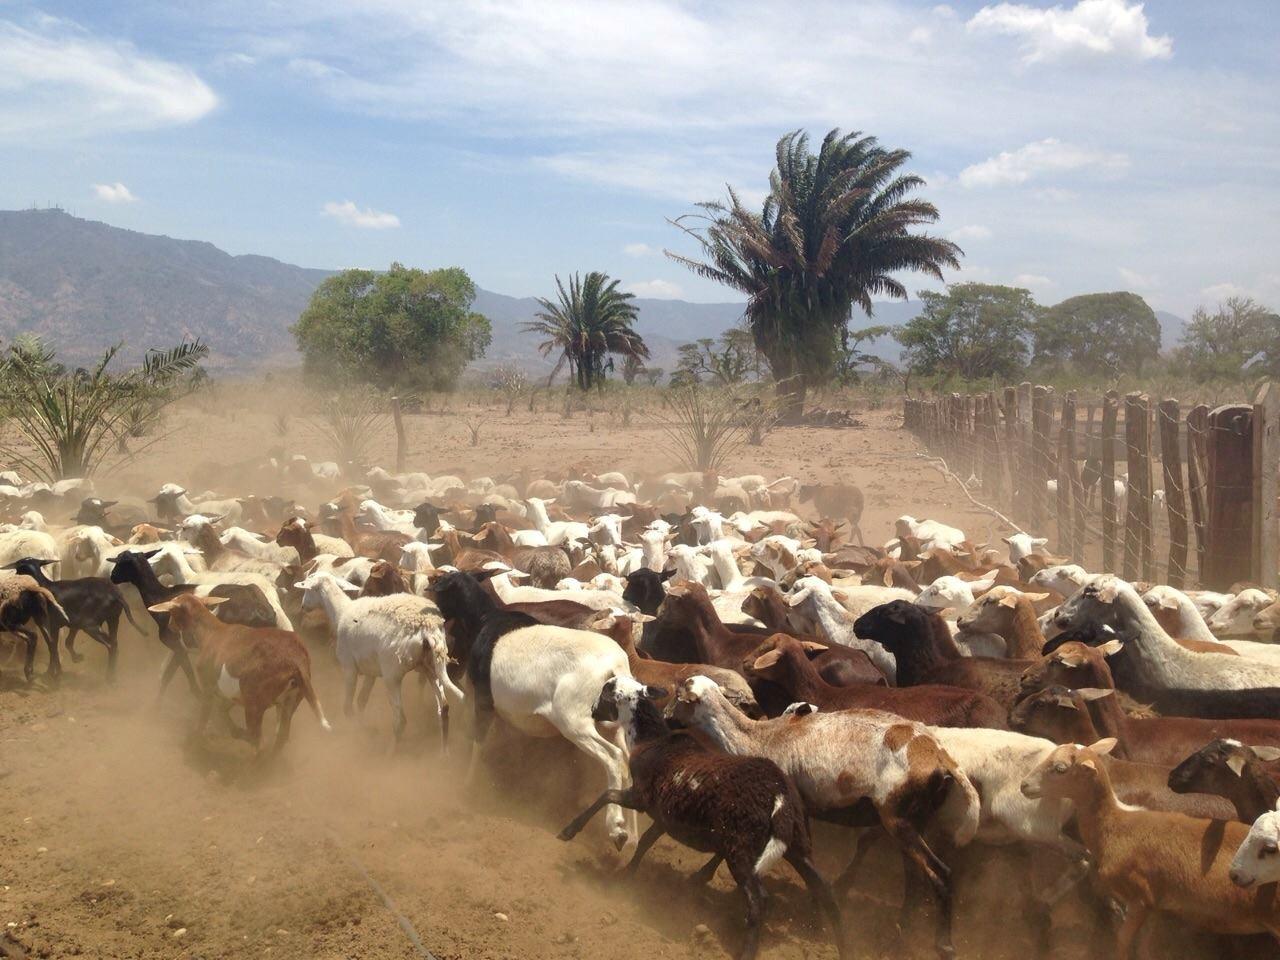 Foto 2. Proyecto ovino en la Finca El Sequión. Cortesía: El Cerrejón.